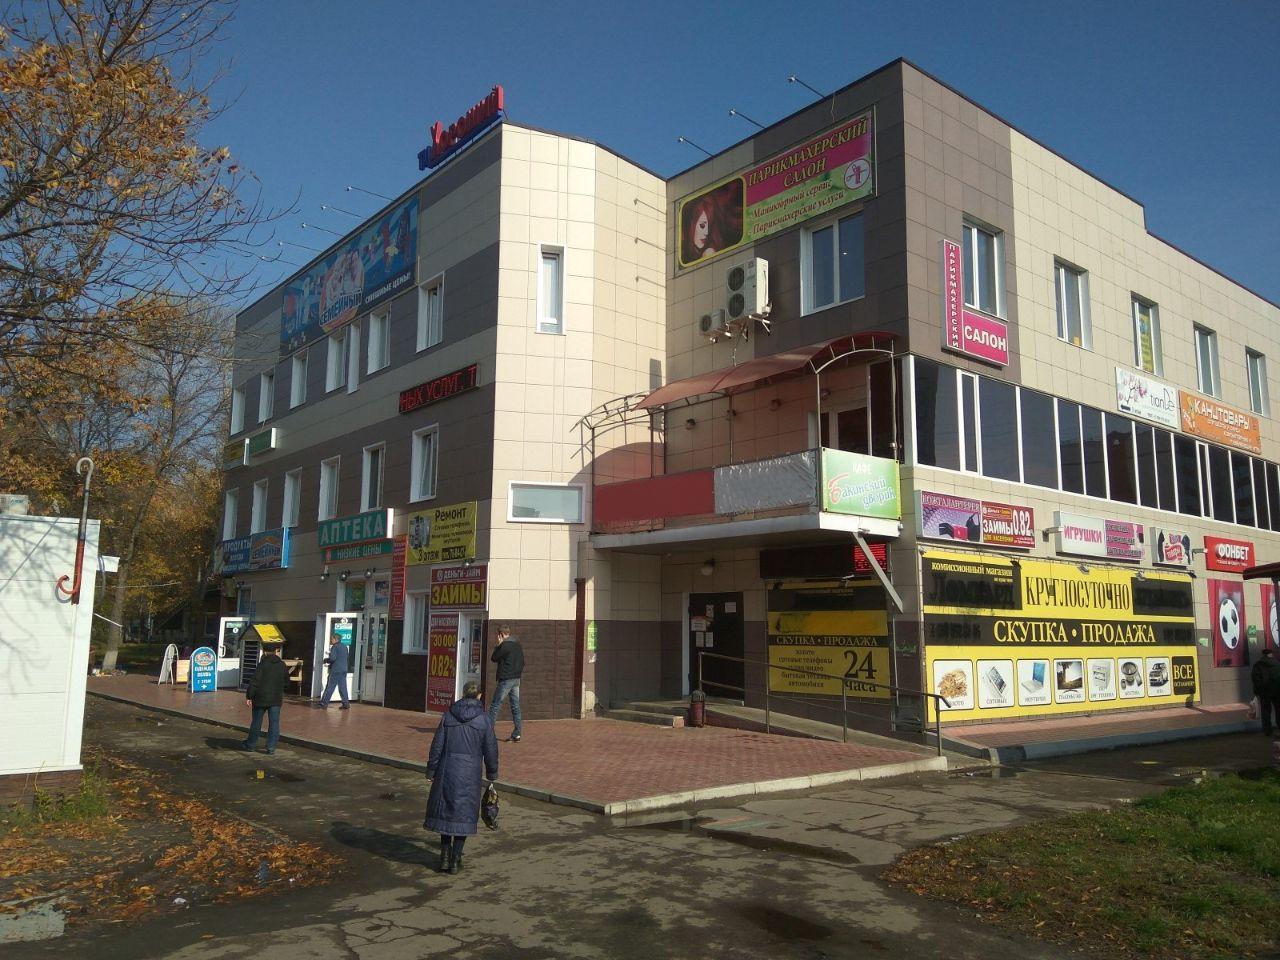 Коммерческая недвижимость в ульяновске продажа аренда офиса у физ лица проводки в 1с